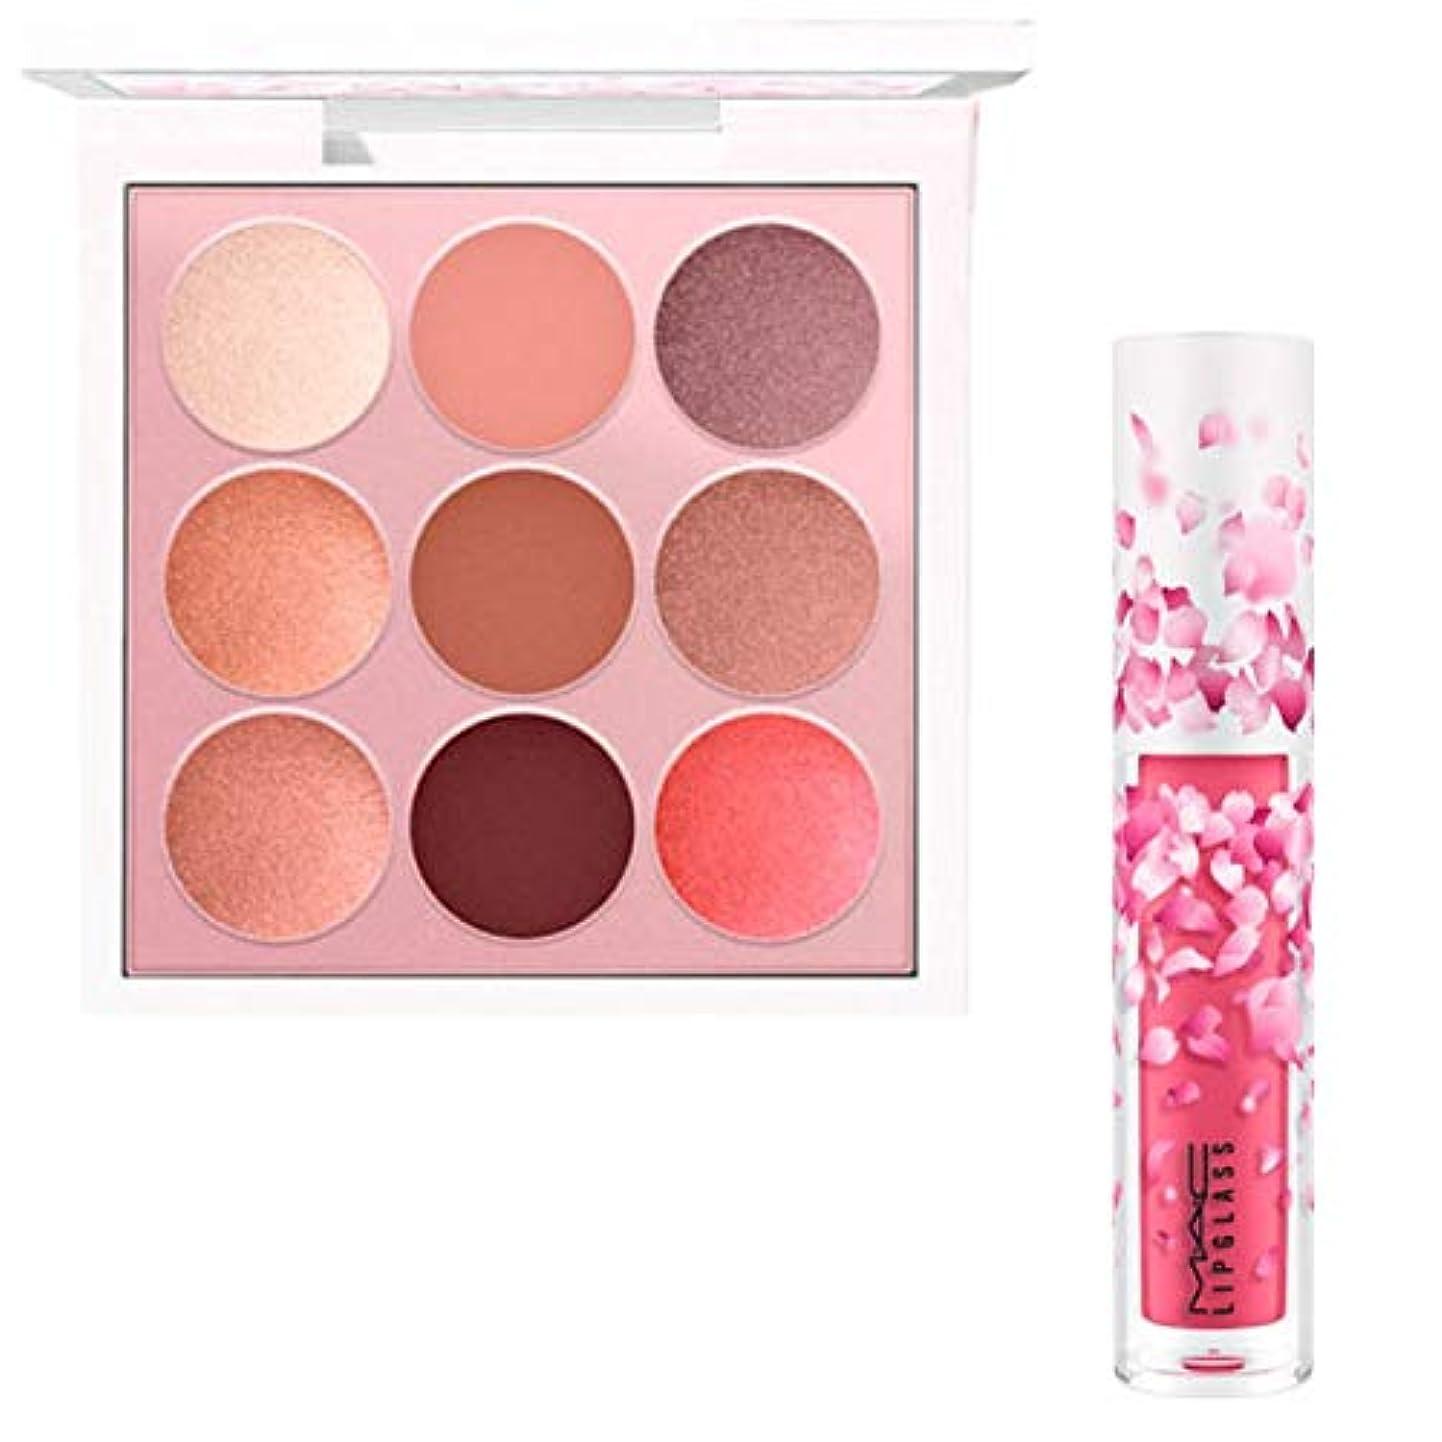 リフレッシュヒープ人形M.A.C 限定版, Boom, Boom, Bloom EyeShadow & Lipglass (Kabuki Doll Palette & Cherry Mochi) [海外直送品] [並行輸入品]